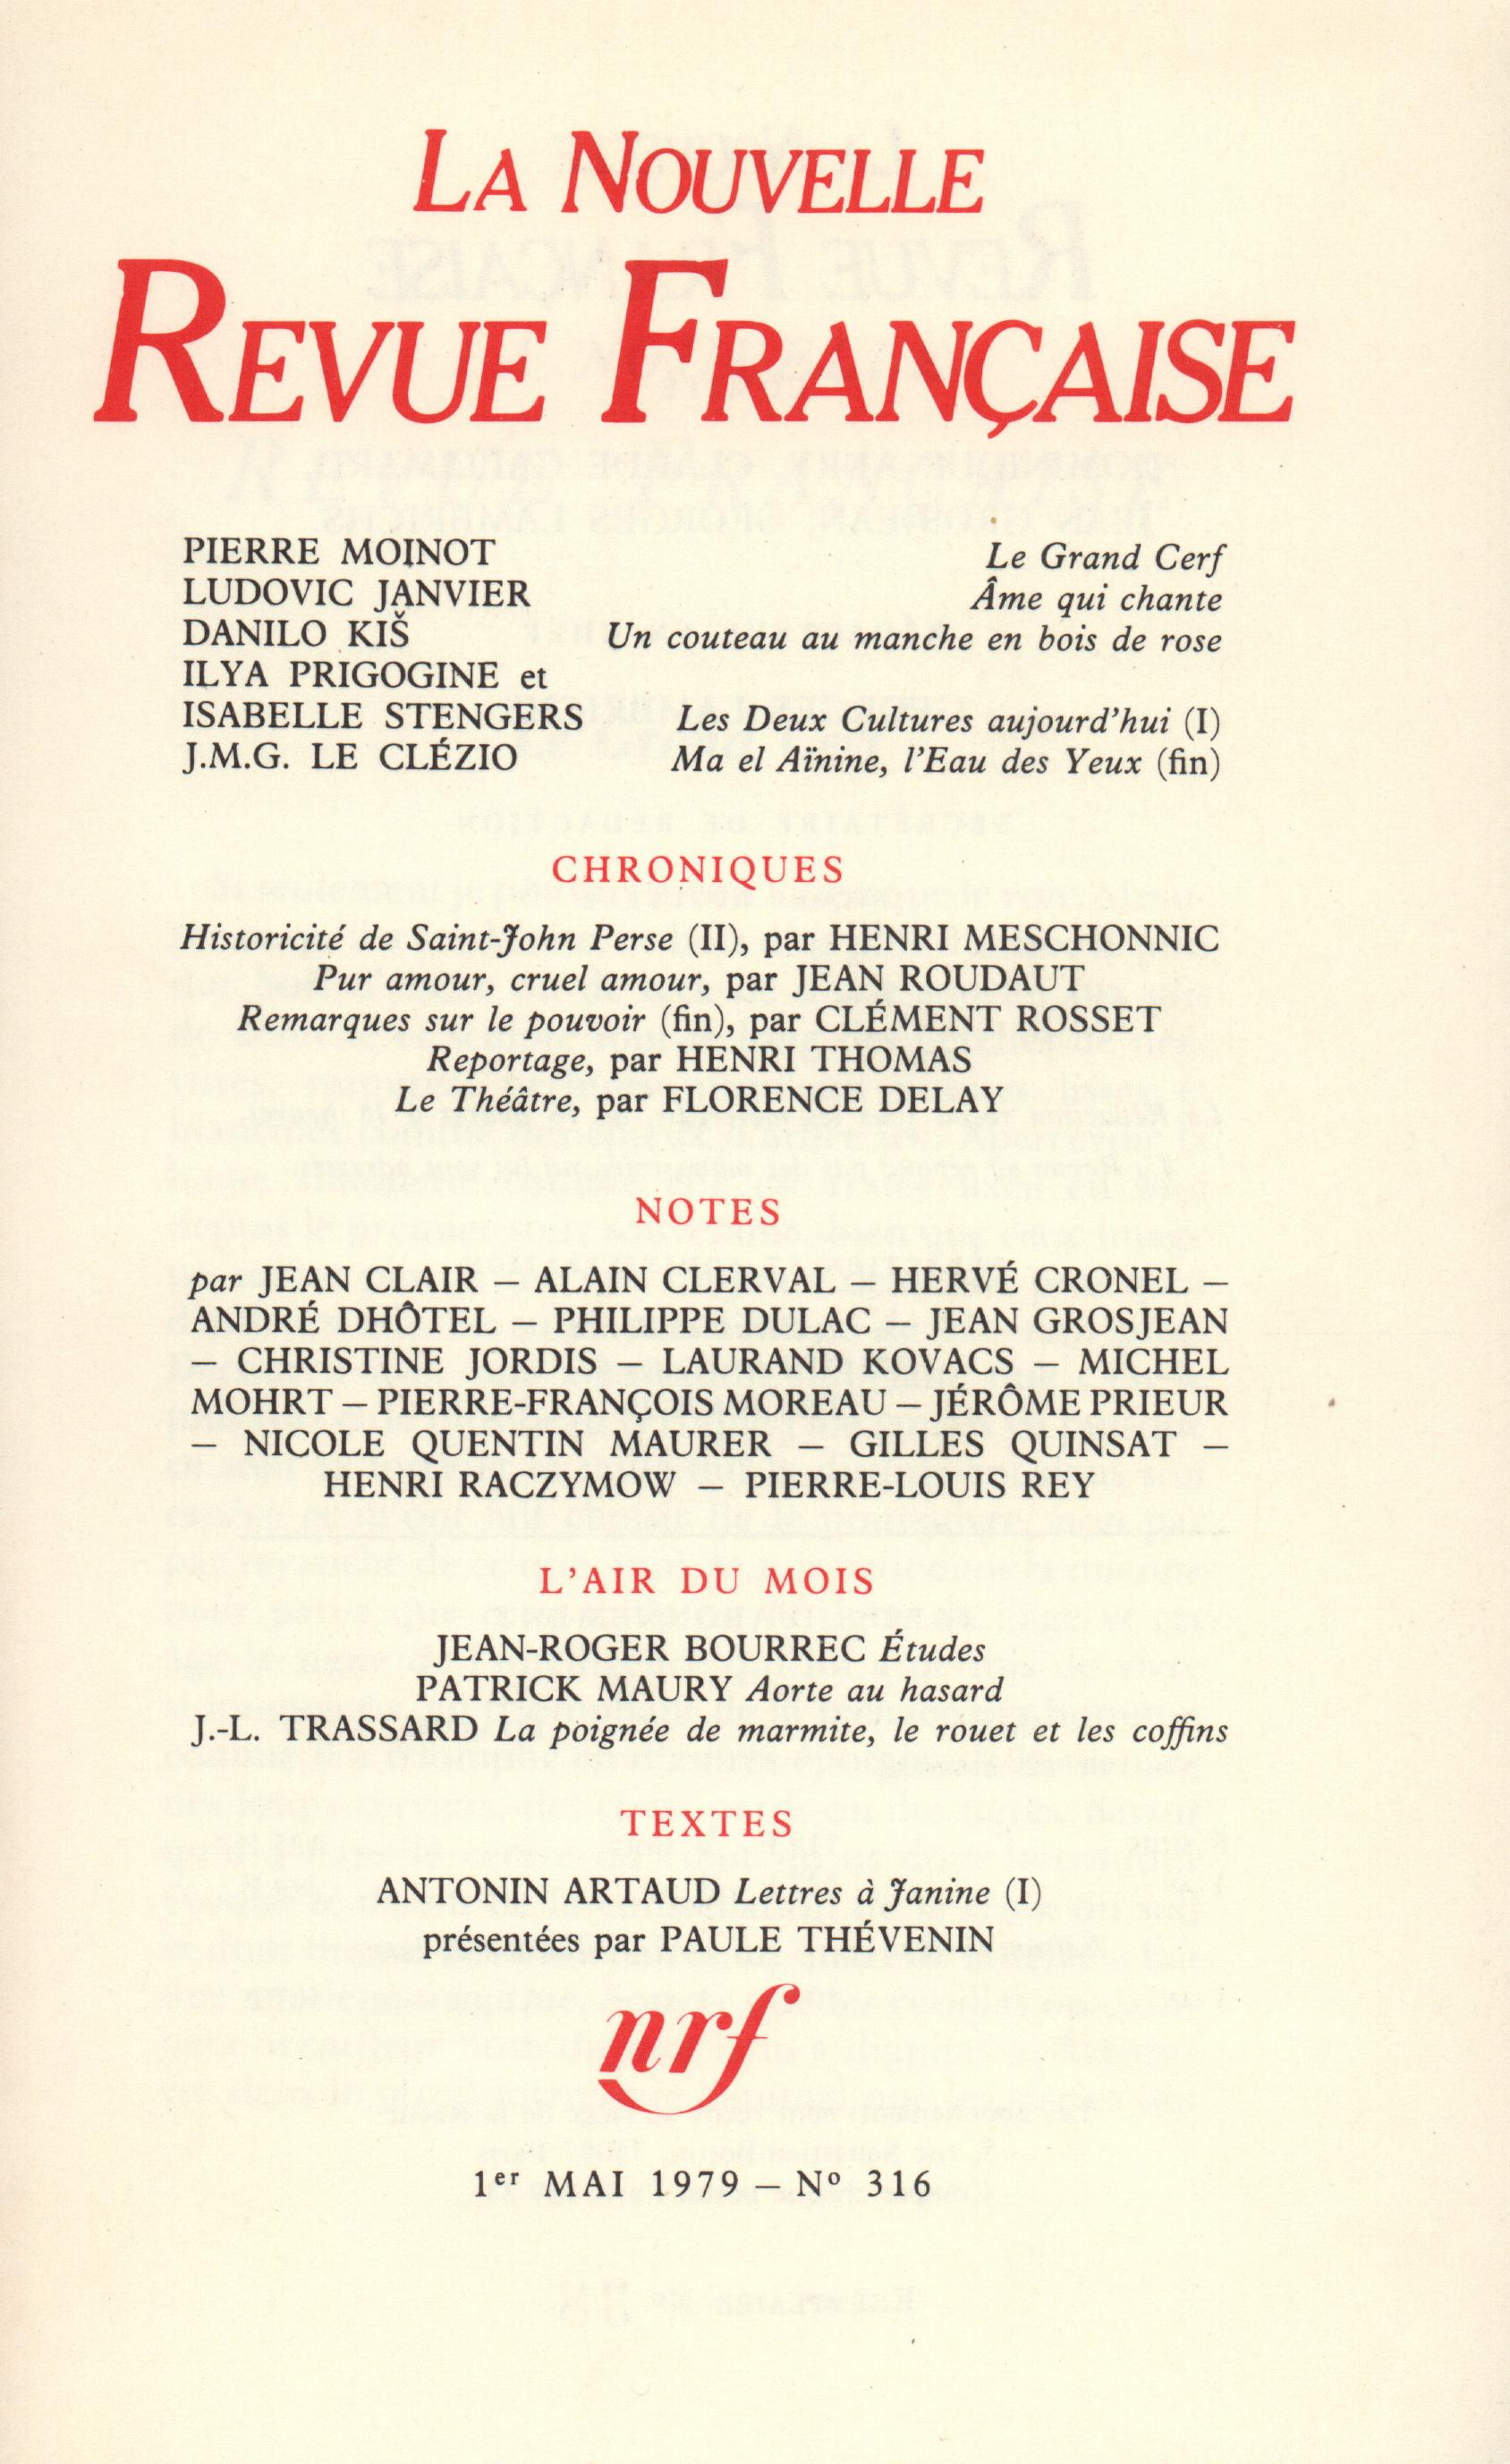 La Nouvelle Revue Française N° 316